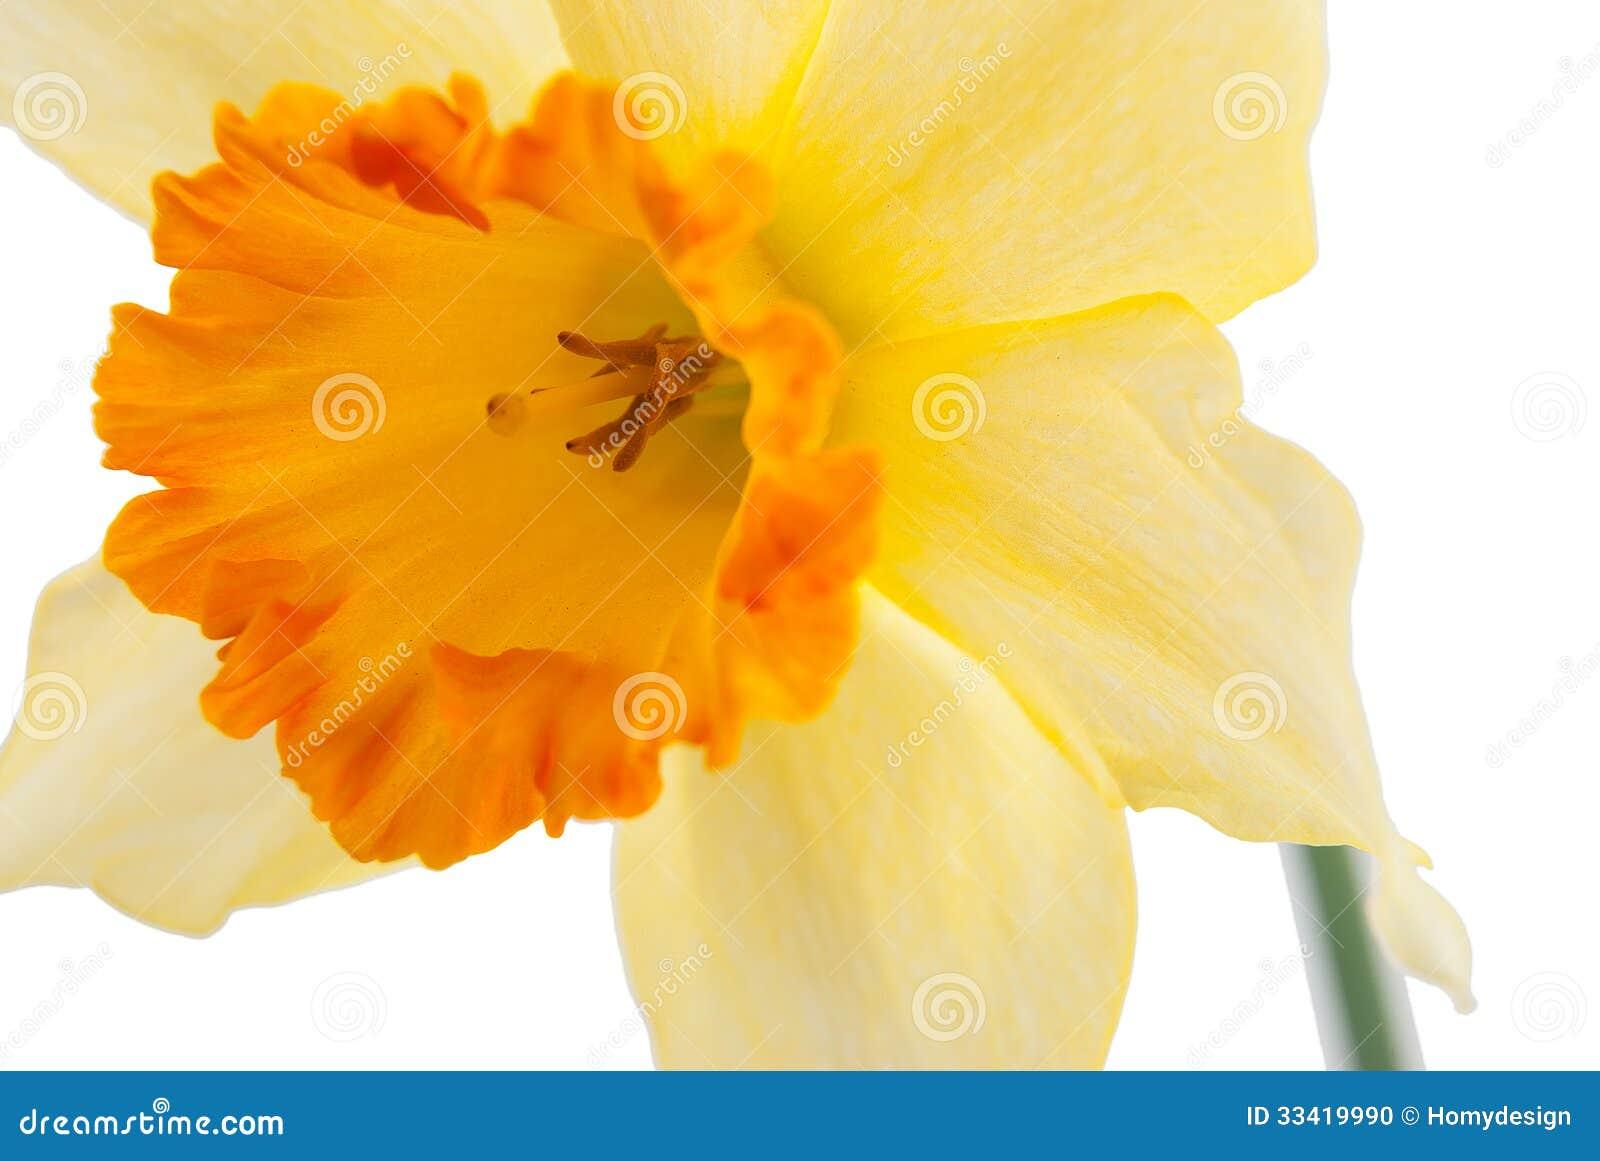 Jonquil Flower Stock Image